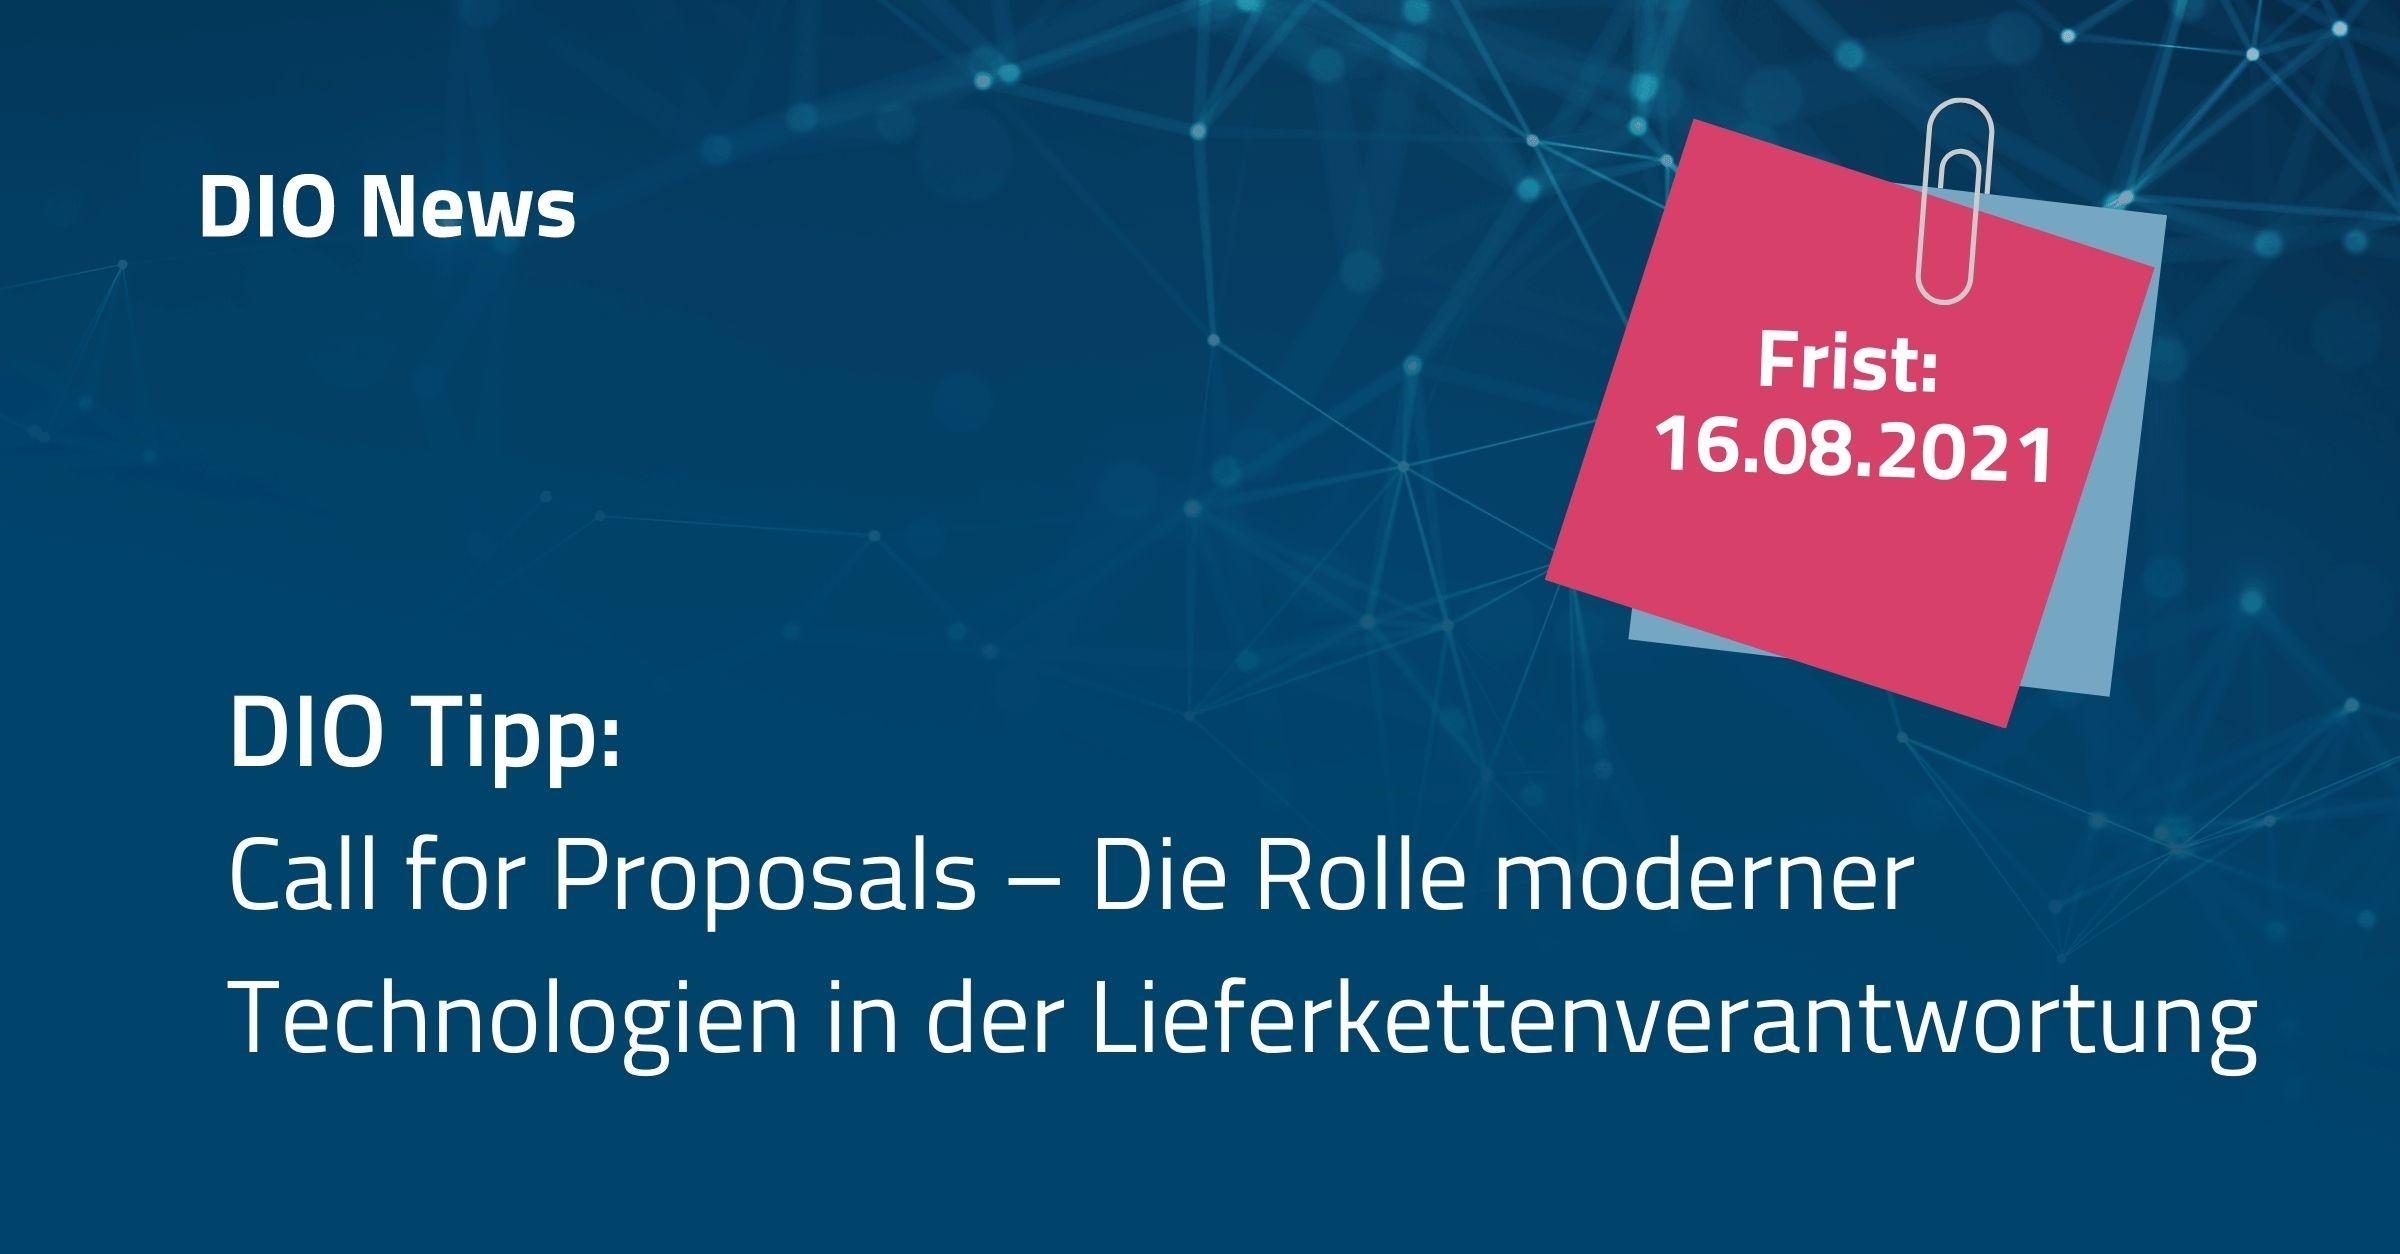 Beitragsbild: Call for Proposals - Die Rolle moderner Technologien, insbesondere Blockchain, in der Lieferkettenverantwortung